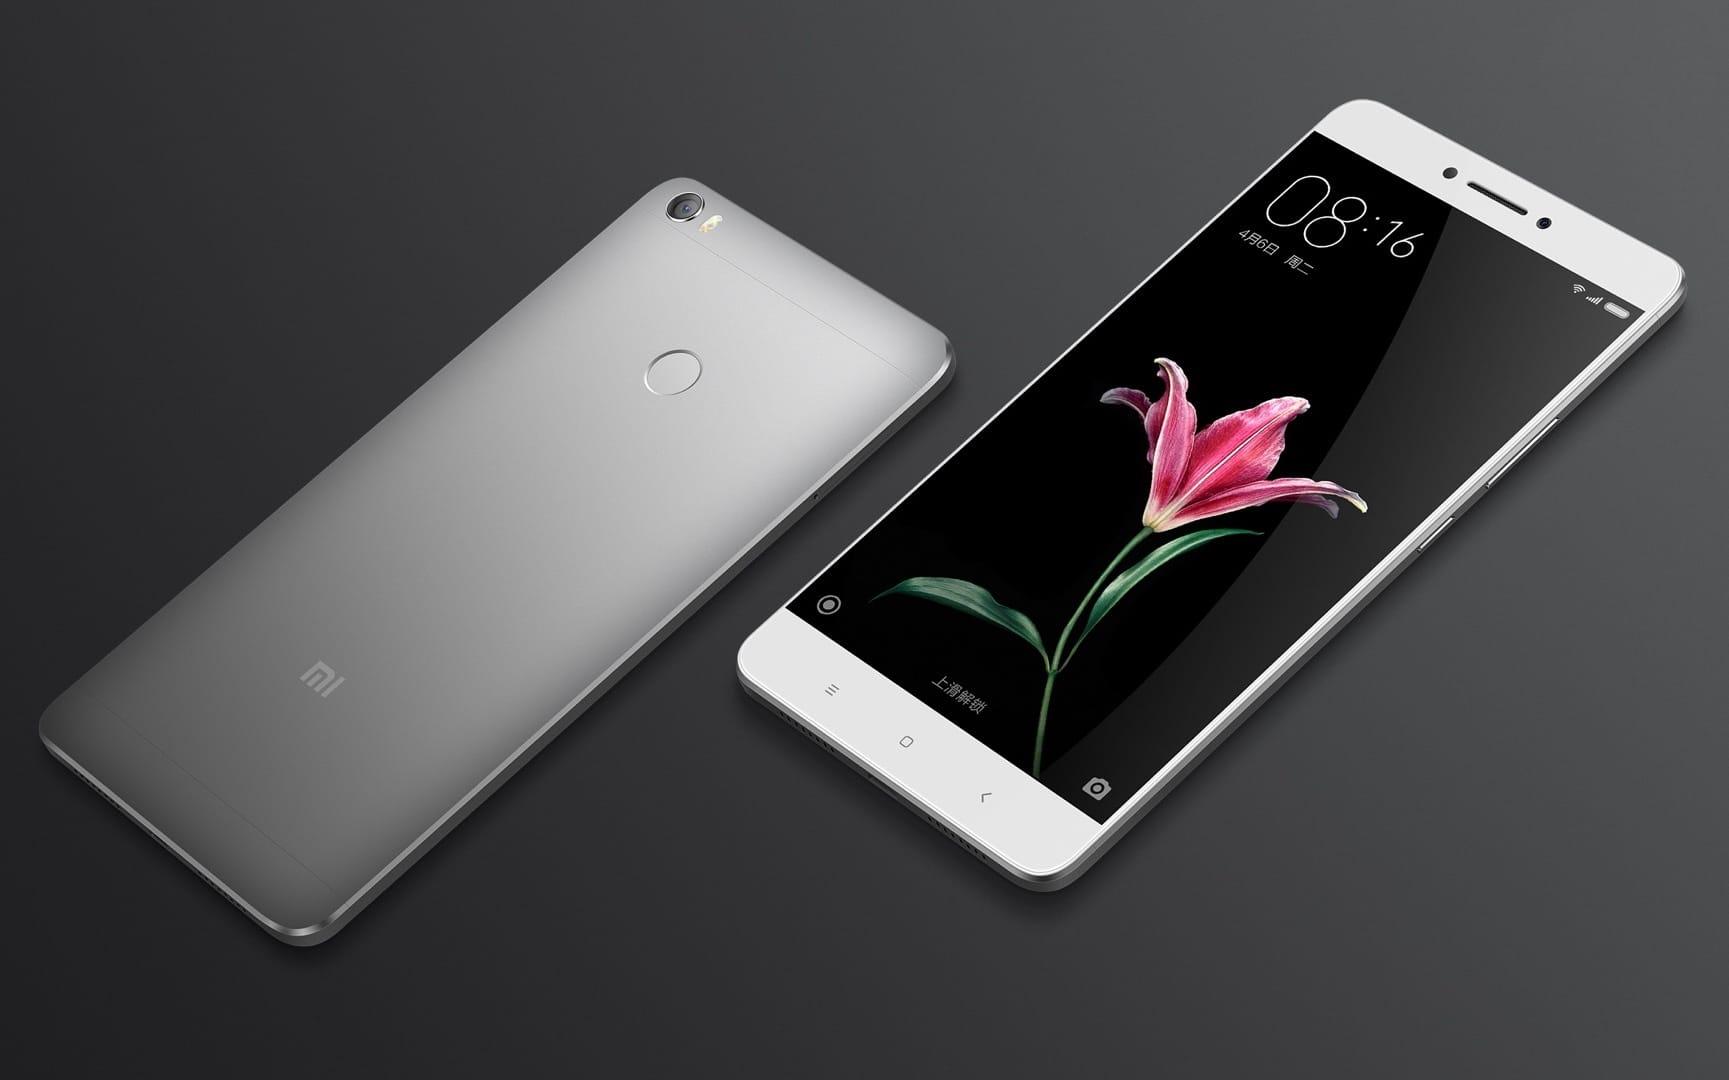 Компания Meizu назвала мобильные телефоны, которые получат обновлениеОС андроид 7.0 Nougat